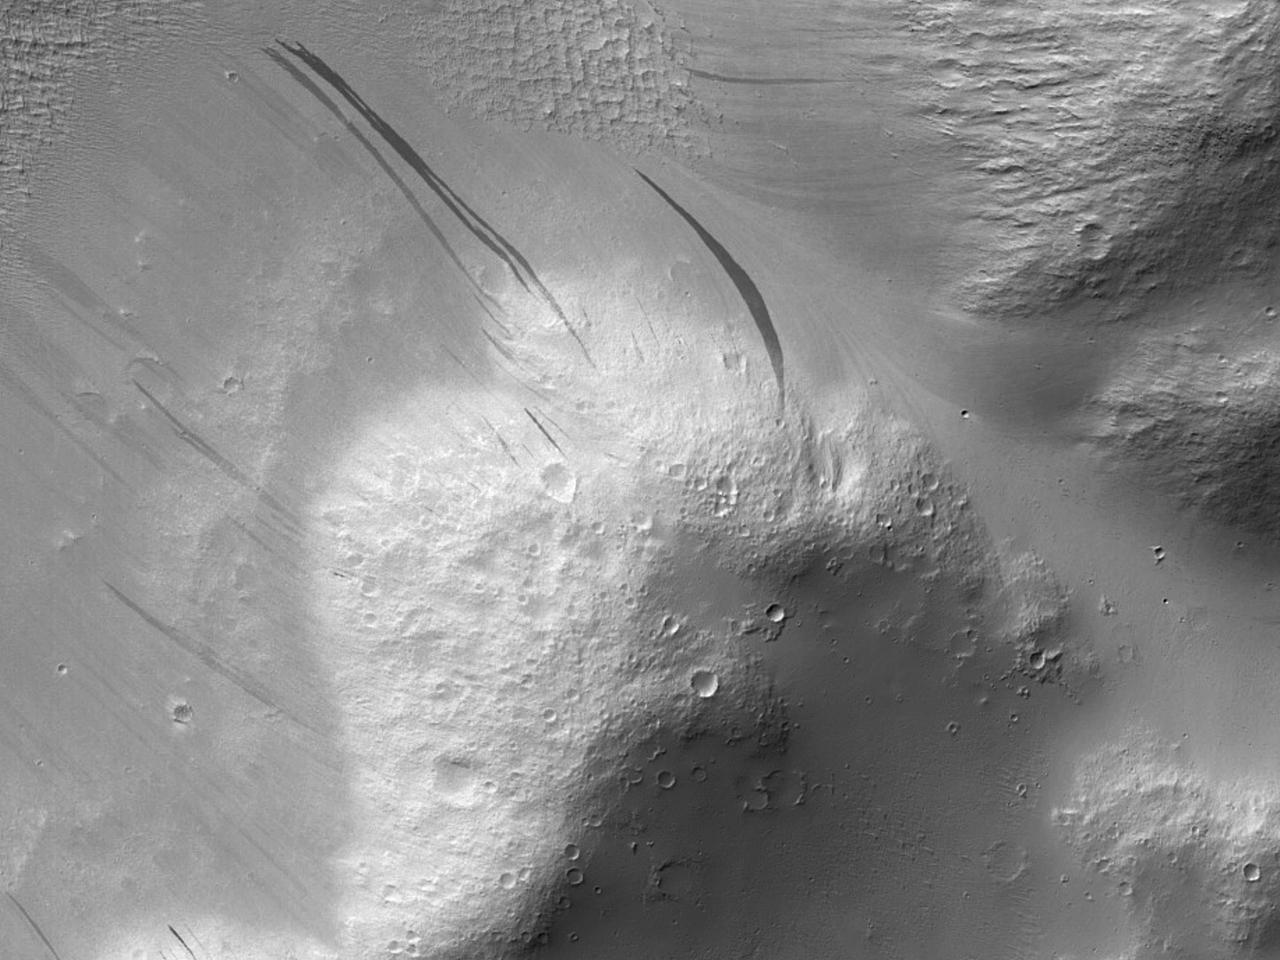 Эродированный обрыв в патереApollinaris Patera